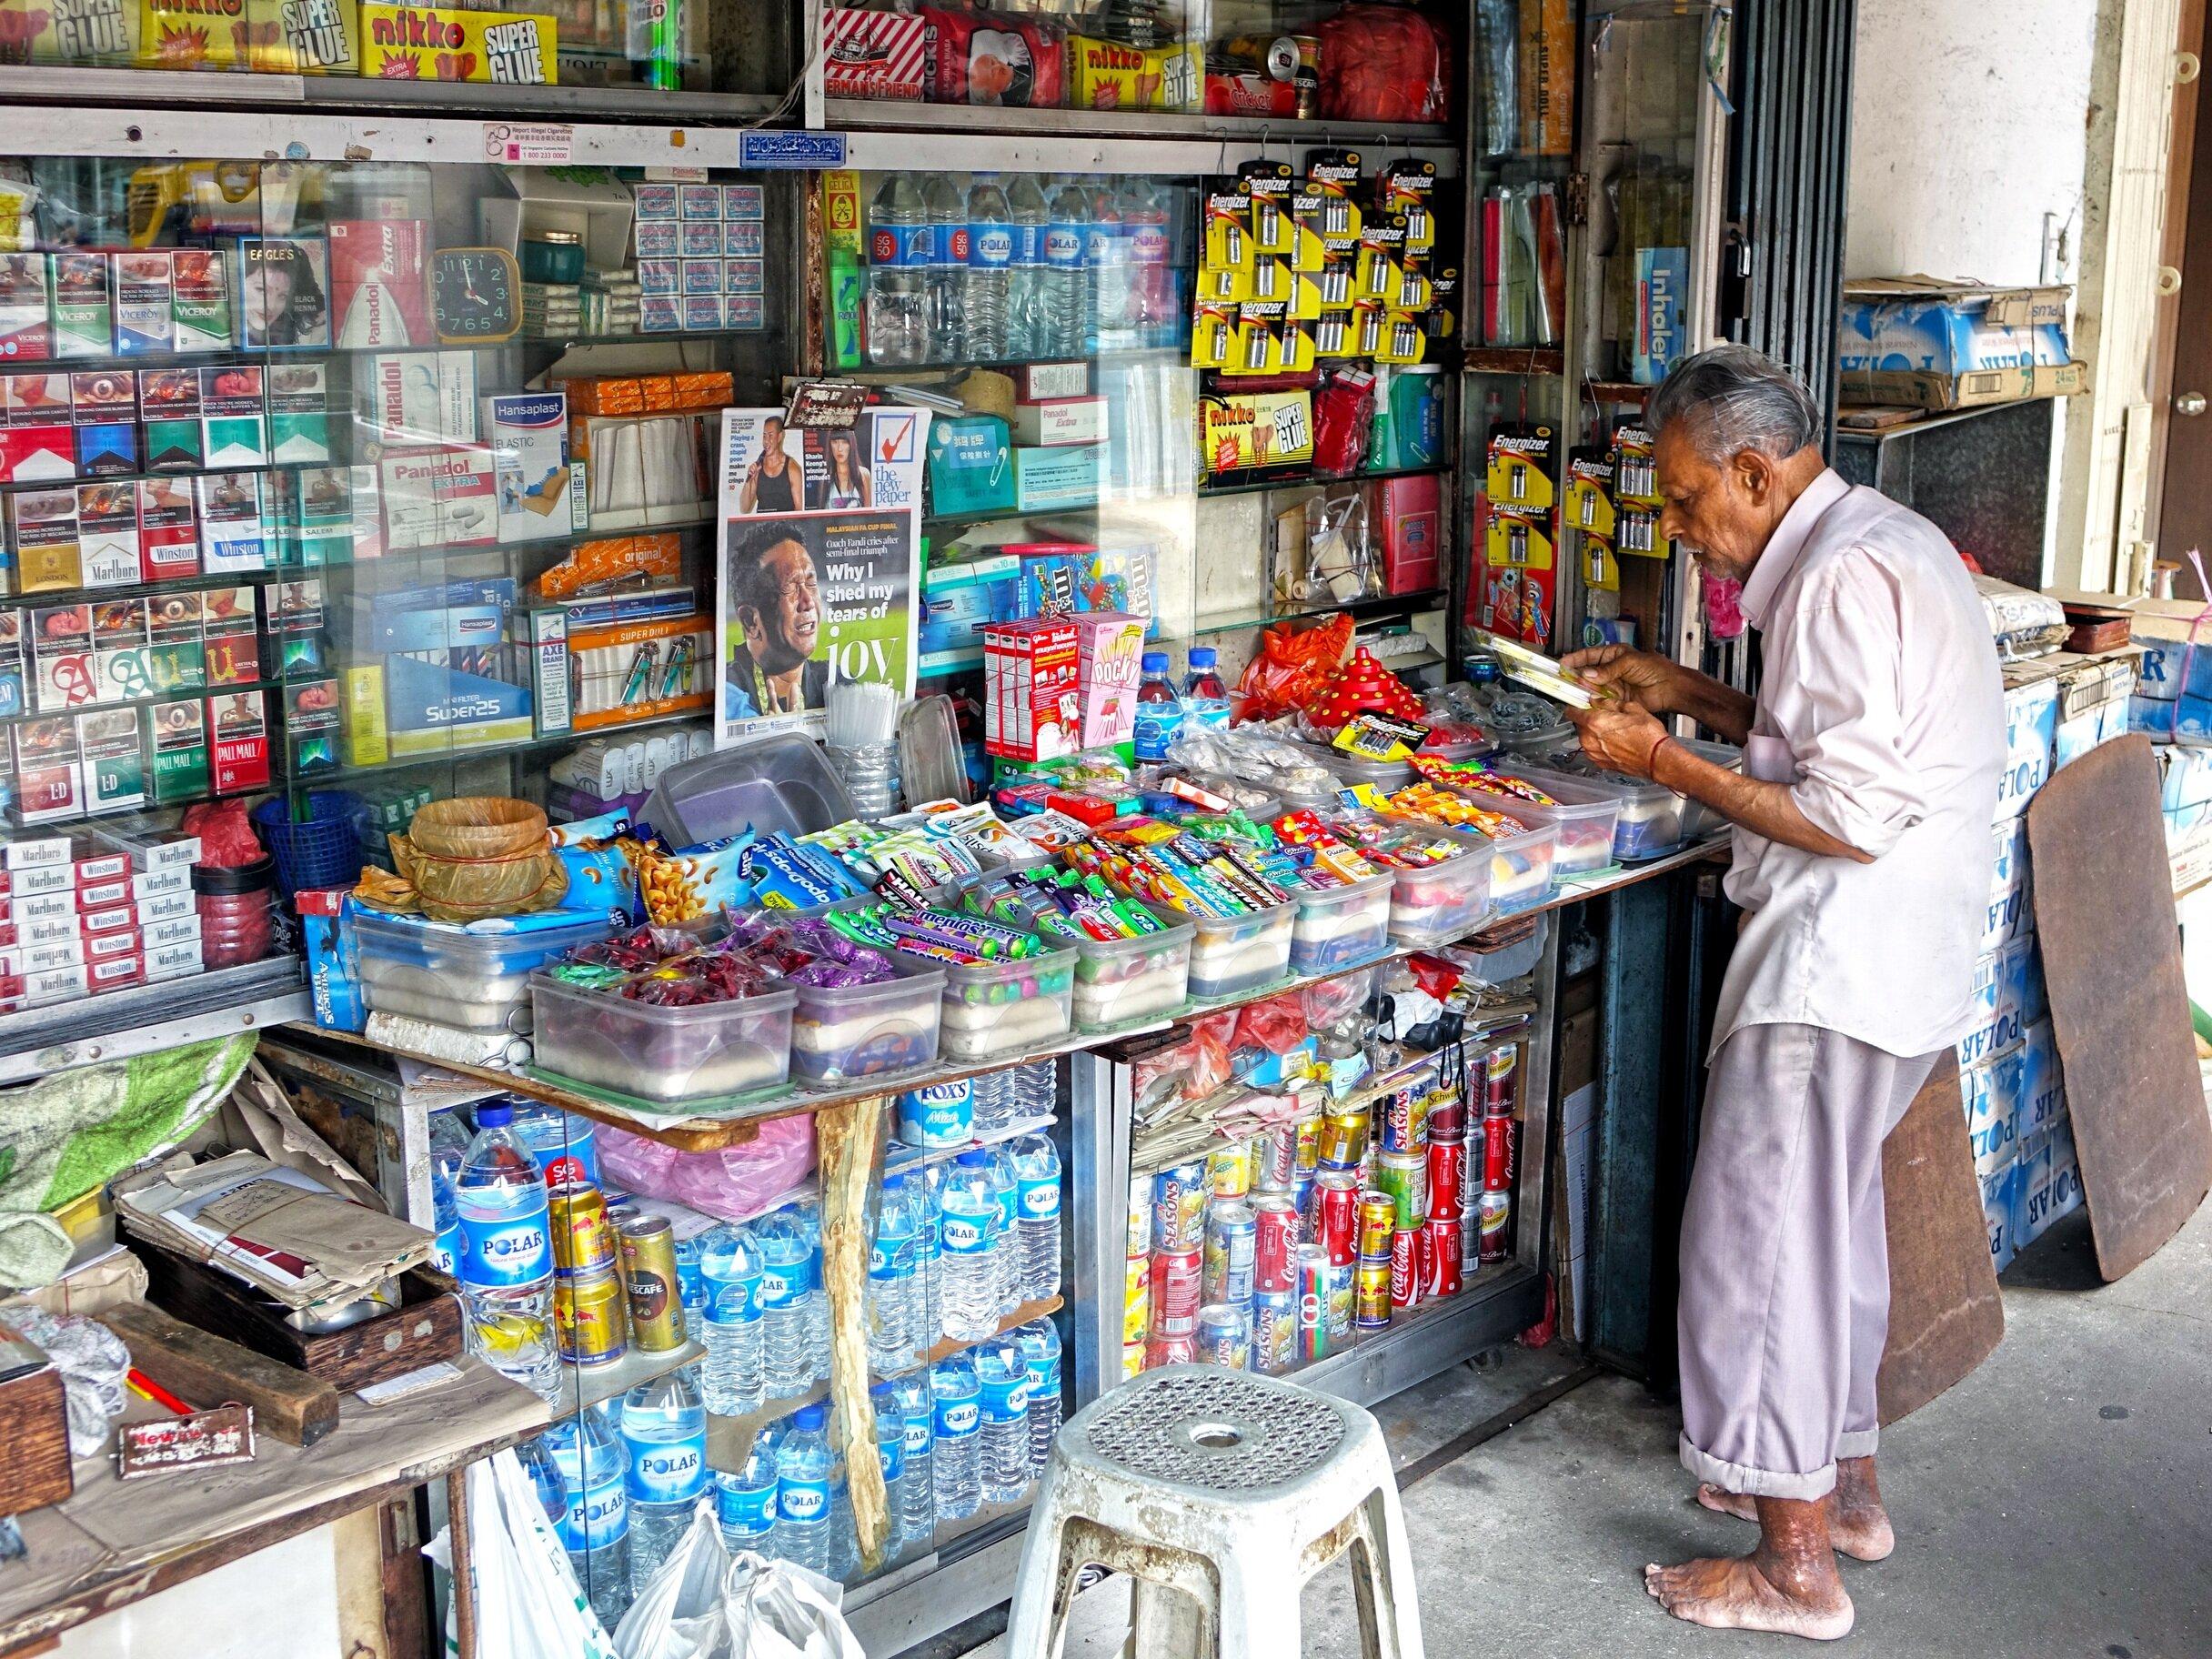 Page365-เปิดร้านขายอะไรดี-เปิดร้านขายของในหมู่บ้าน.jpg